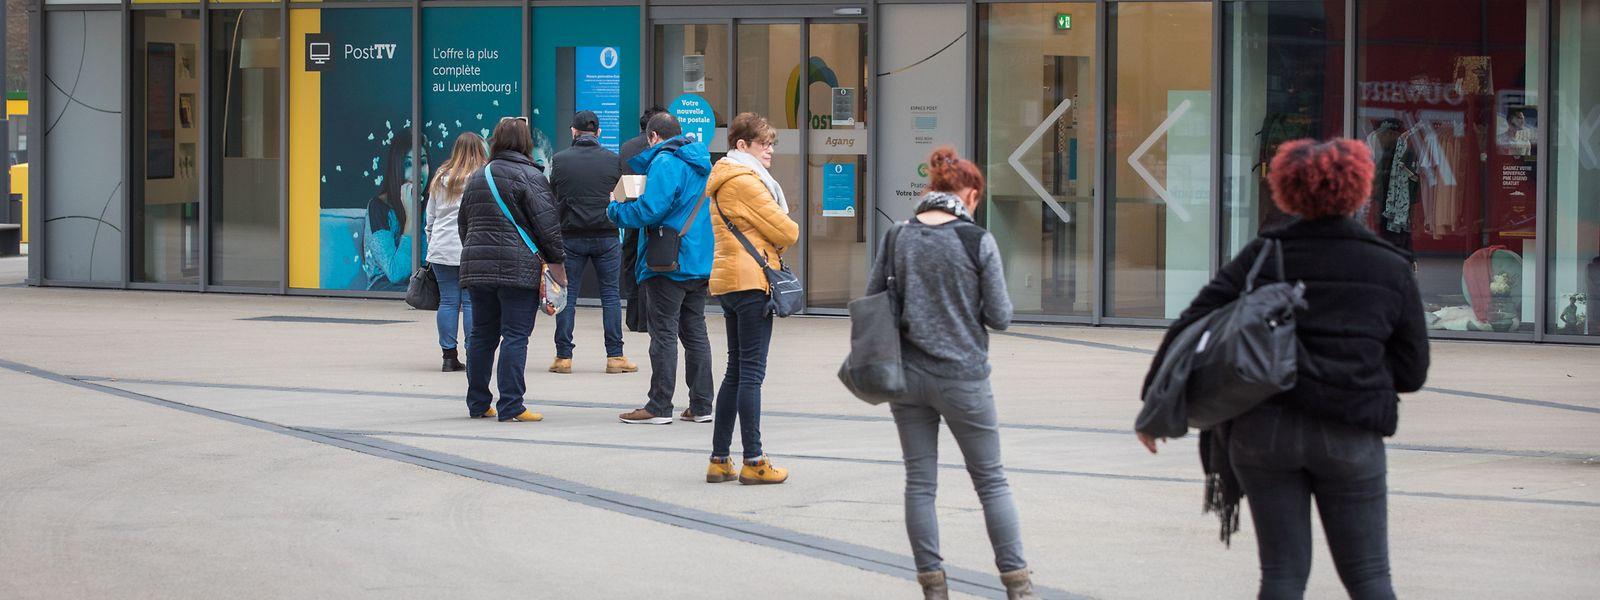 Die Menschen in Luxemburg sind diszipliniert und halten sich an die Social-distancing-Anweisungen der Regierung.